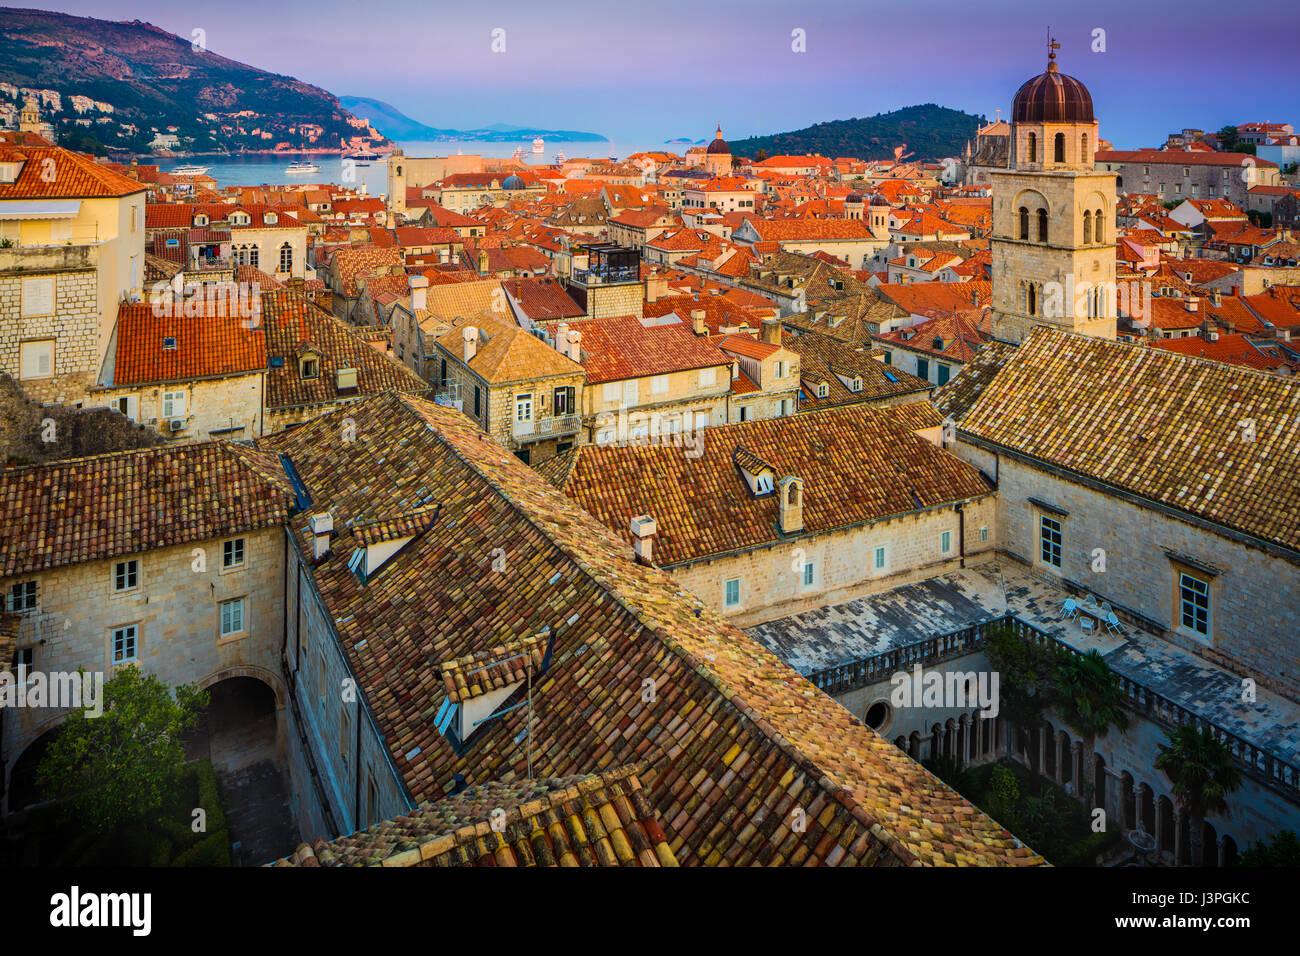 Dubrovnik, Croacia, que se caracteriza por sus murallas medievales de la ciudad. Dubrovnik es una ciudad croata en el Mar Adriático, en la región de Dalmacia. Es en Foto de stock